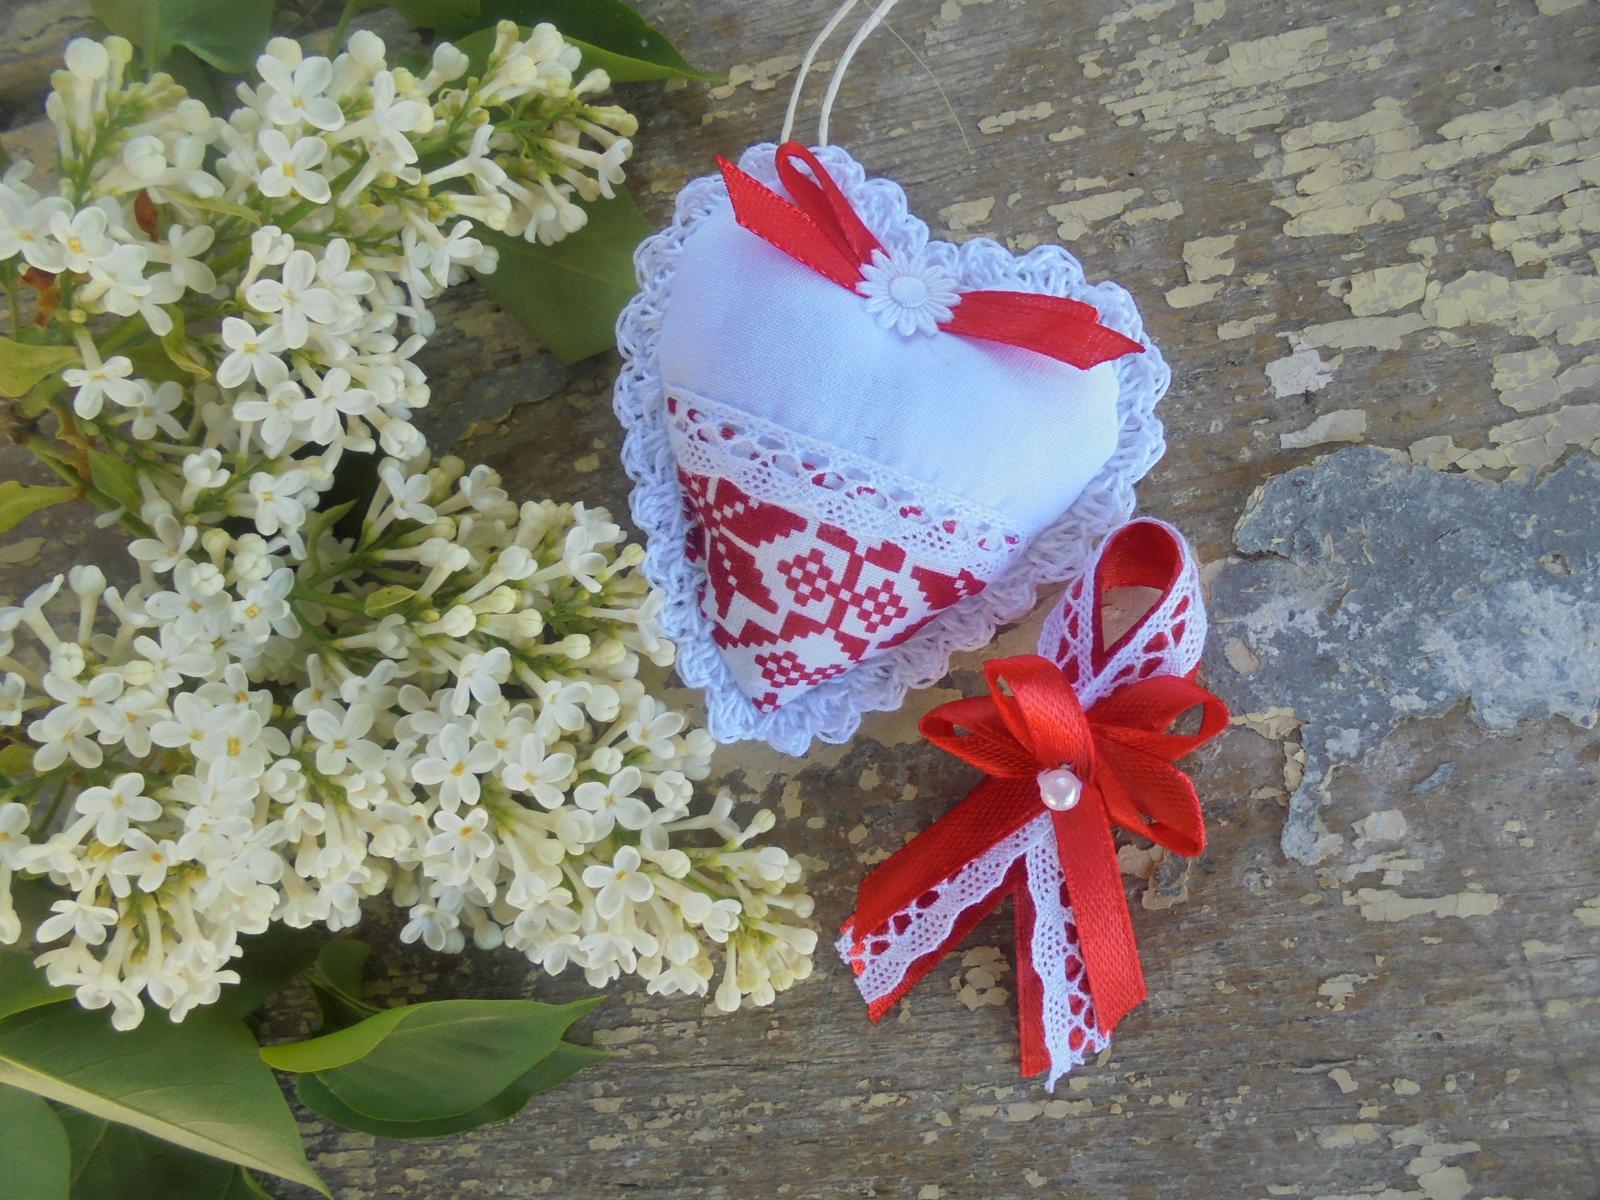 Svadobné darčeky od novomanželov - Obrázok č. 2